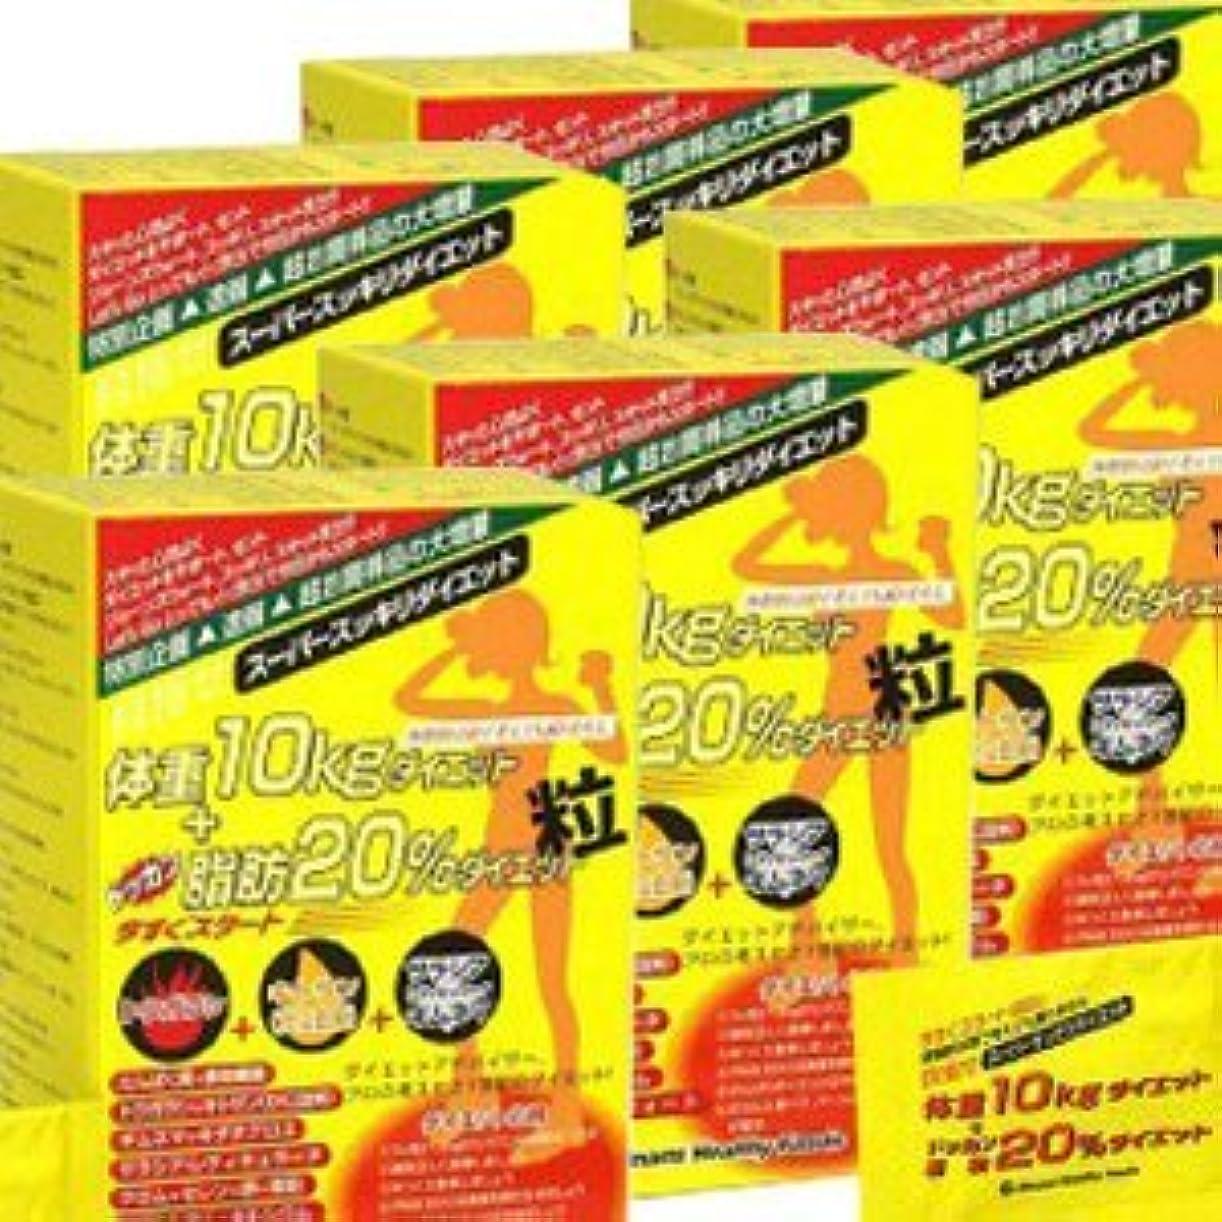 真似る踏み台大騒ぎ【24箱1ケース】目指せ体重10kgダイエット+ドッカン脂肪20%ダイエット粒 (6粒x75袋)x24箱 (4945904010341)